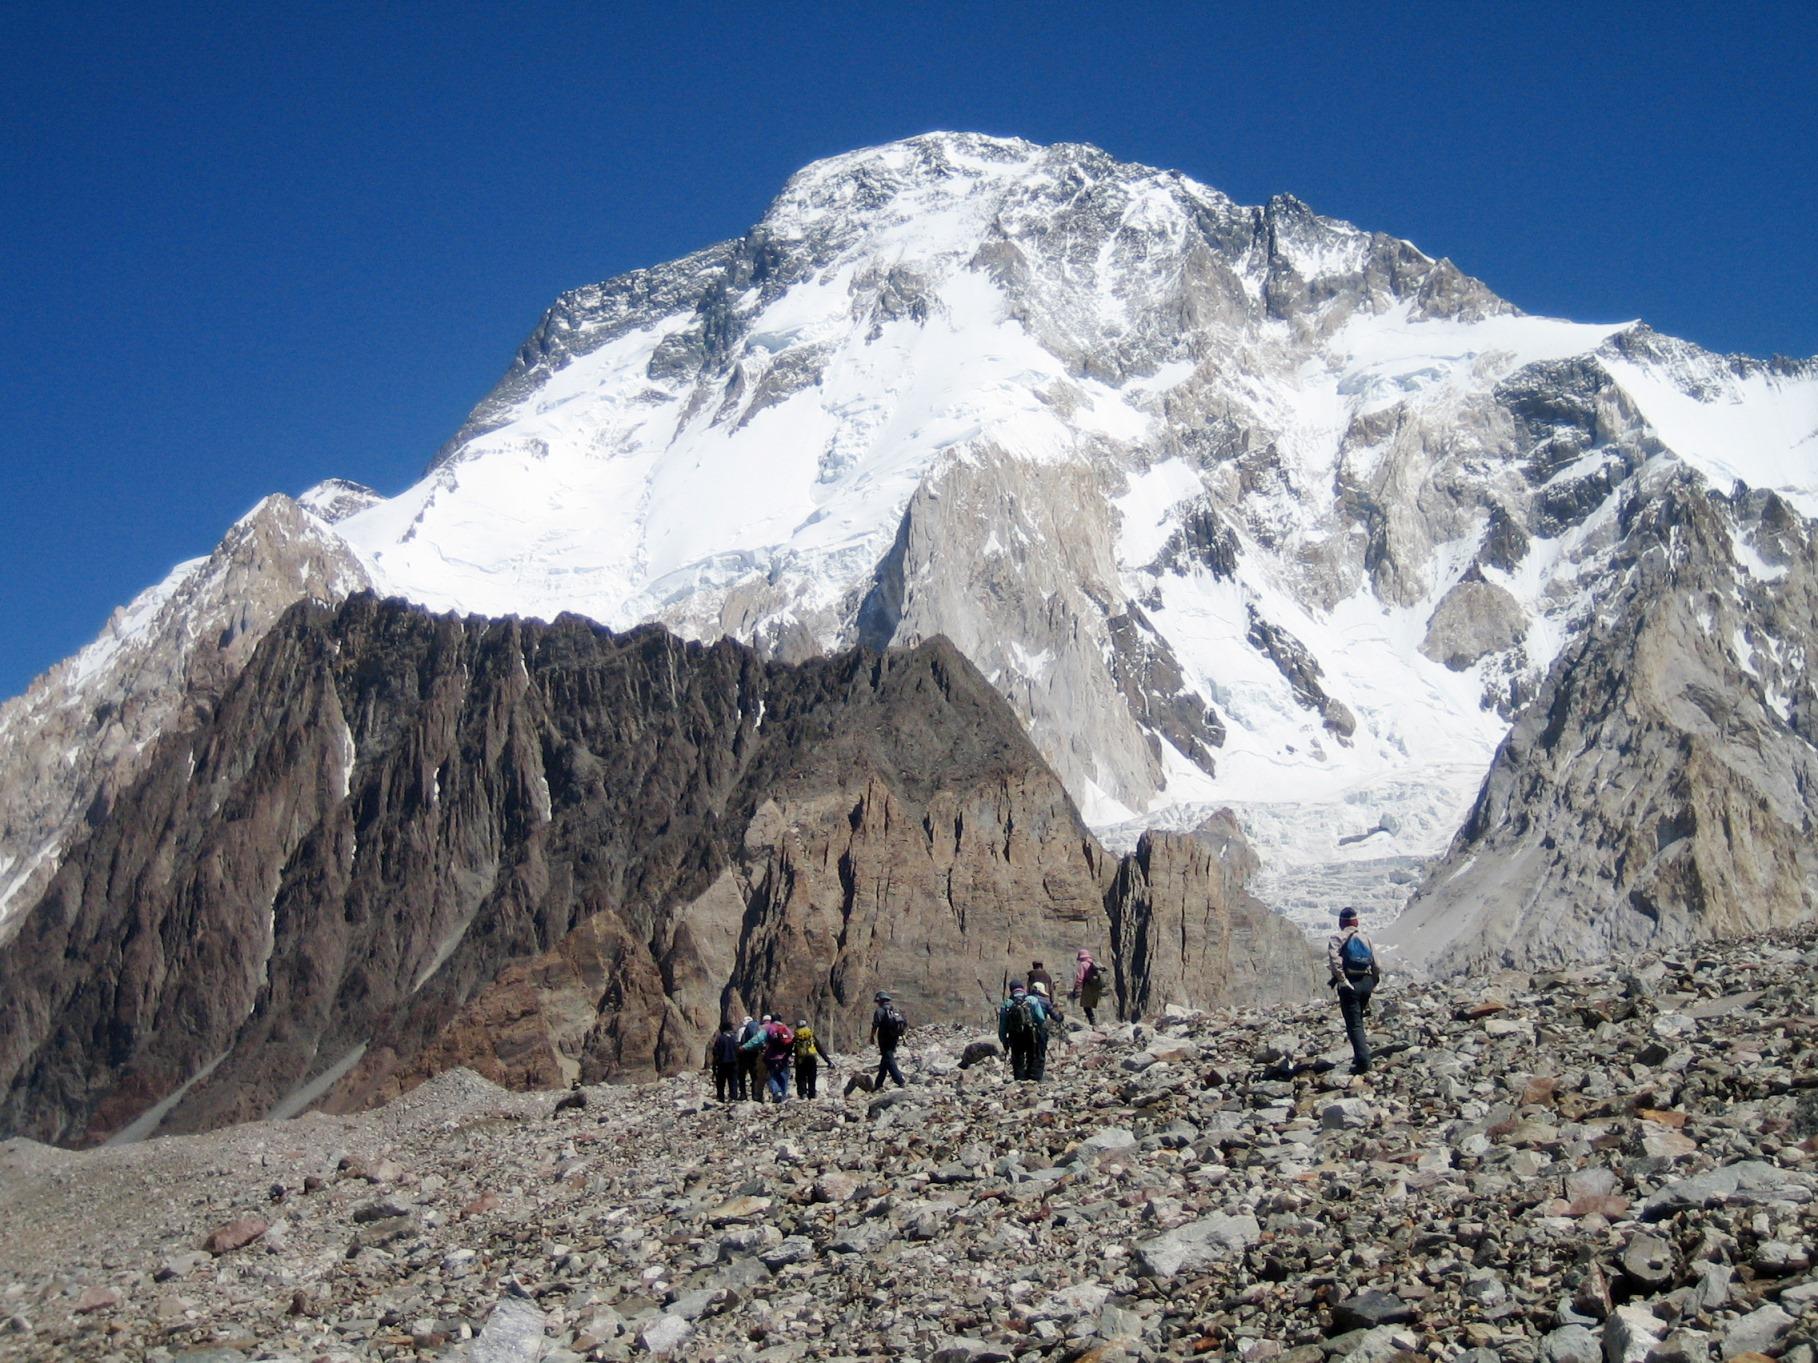 バルトロ氷河沿いからの名峰の数々②ブロードピーク(8,051m)